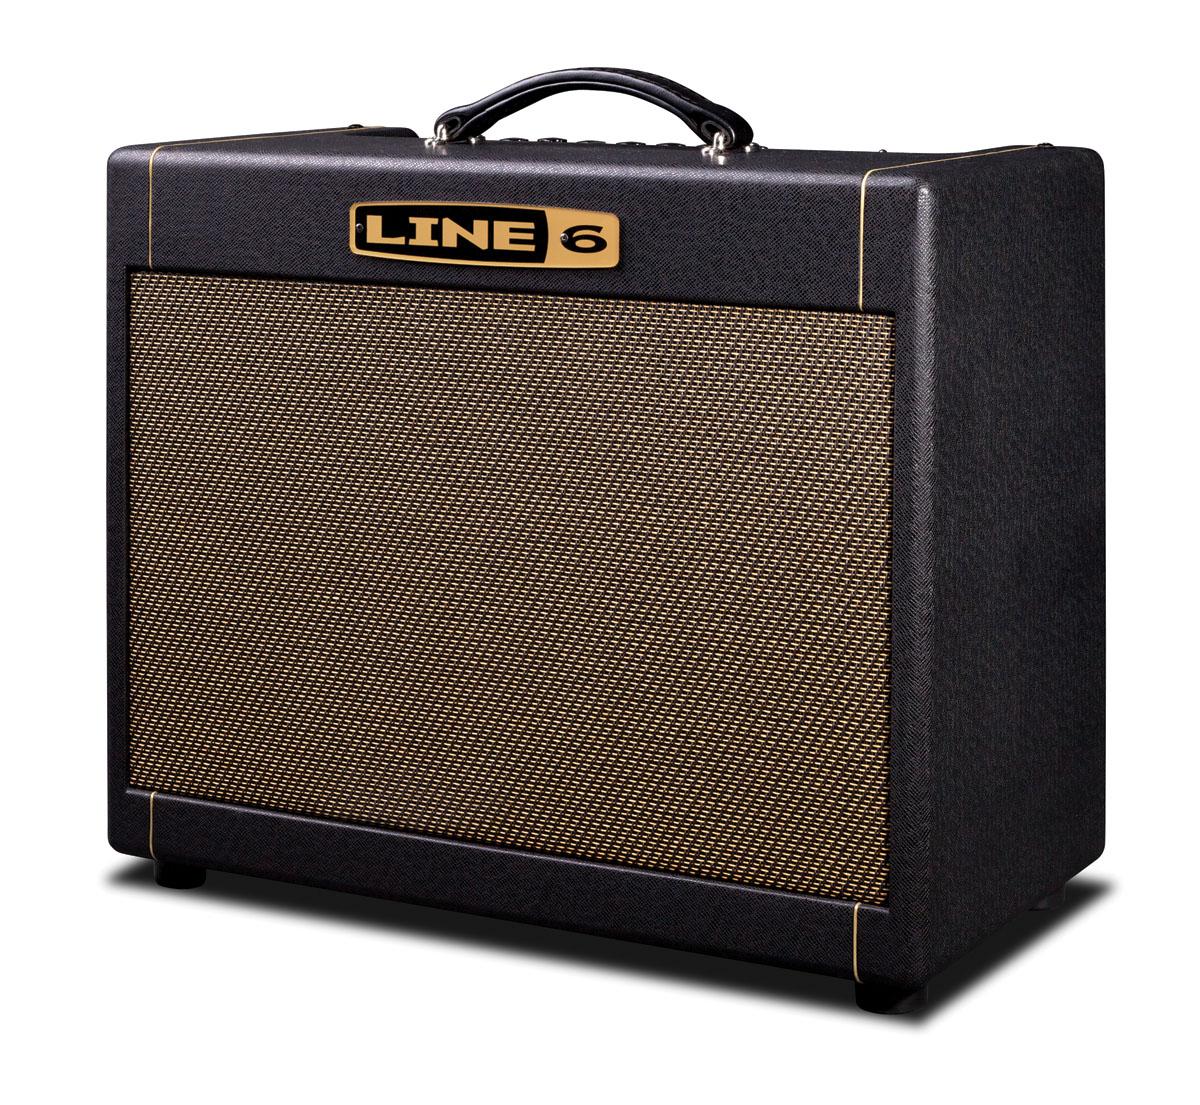 Dt25tm 112 Guitar Amplifier Combo : line 6 dt25 112 guitar combo amp 25 watt valve amplifier yamaha music london ~ Hamham.info Haus und Dekorationen